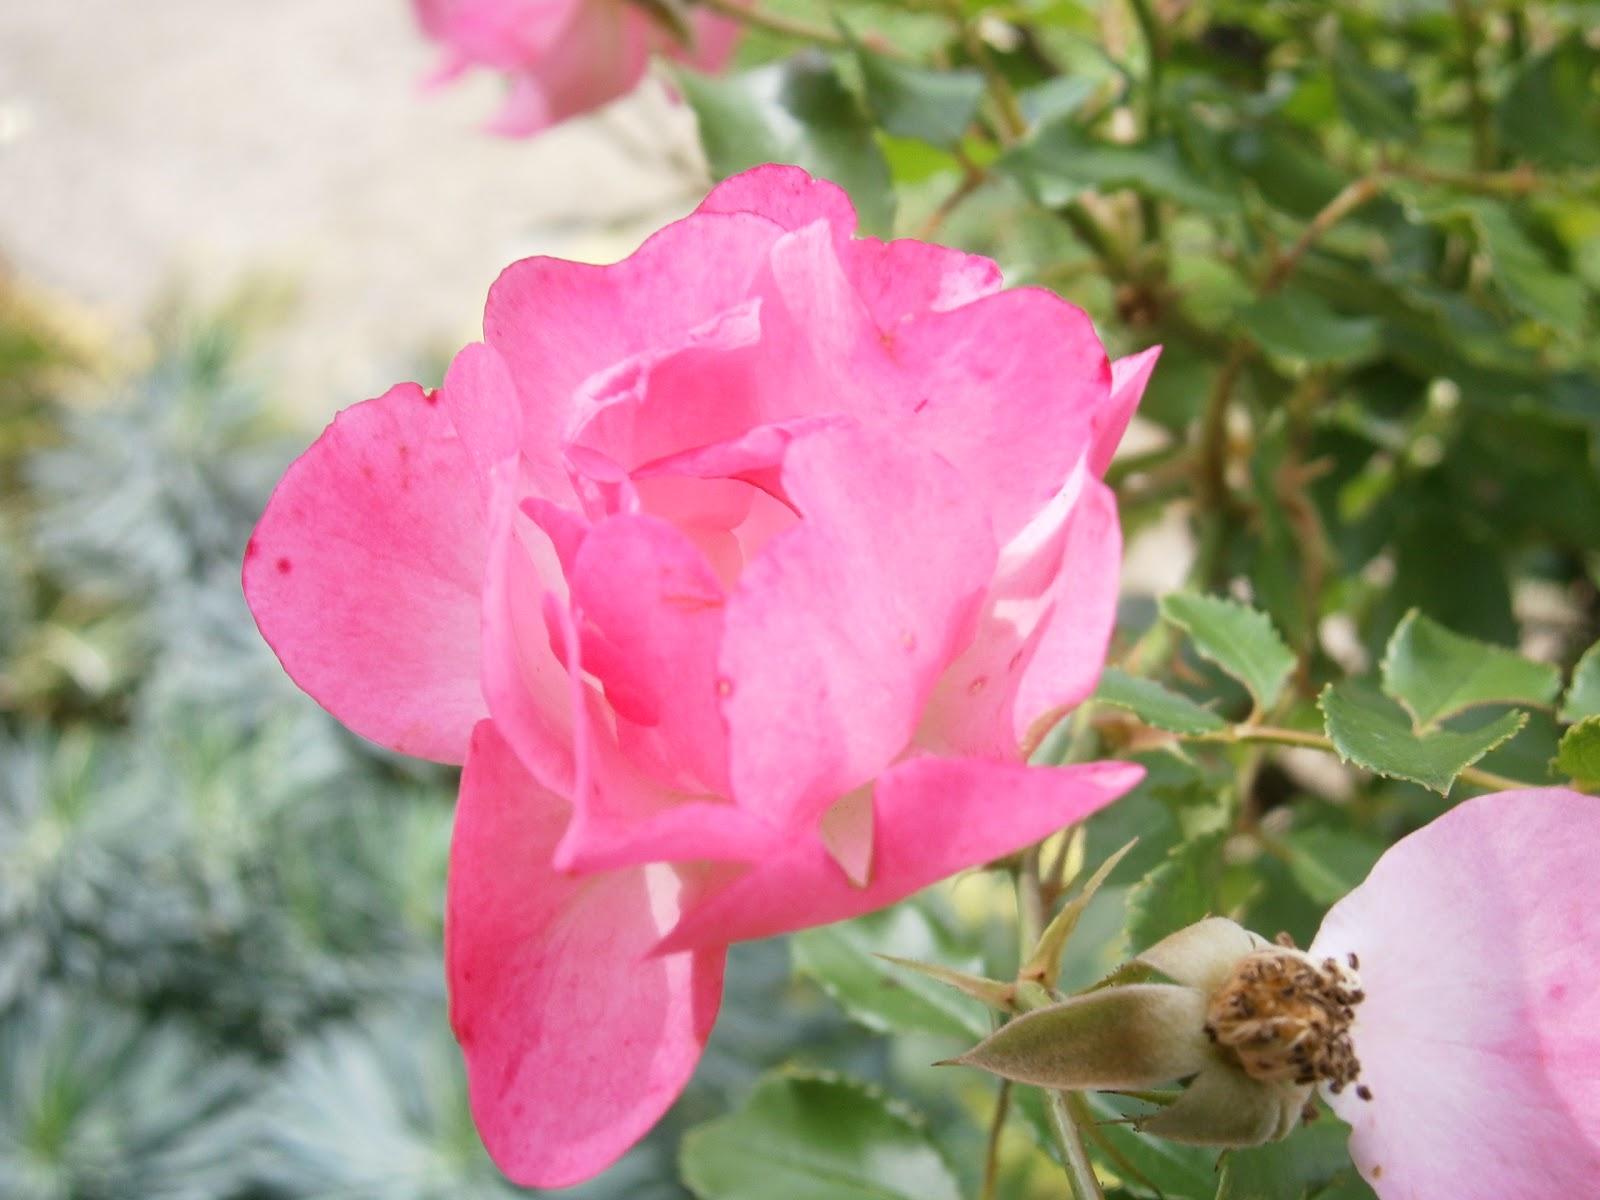 Plantes et fleurs de mon jardin photo d 39 une rose rose for Fleurs dans un jardin